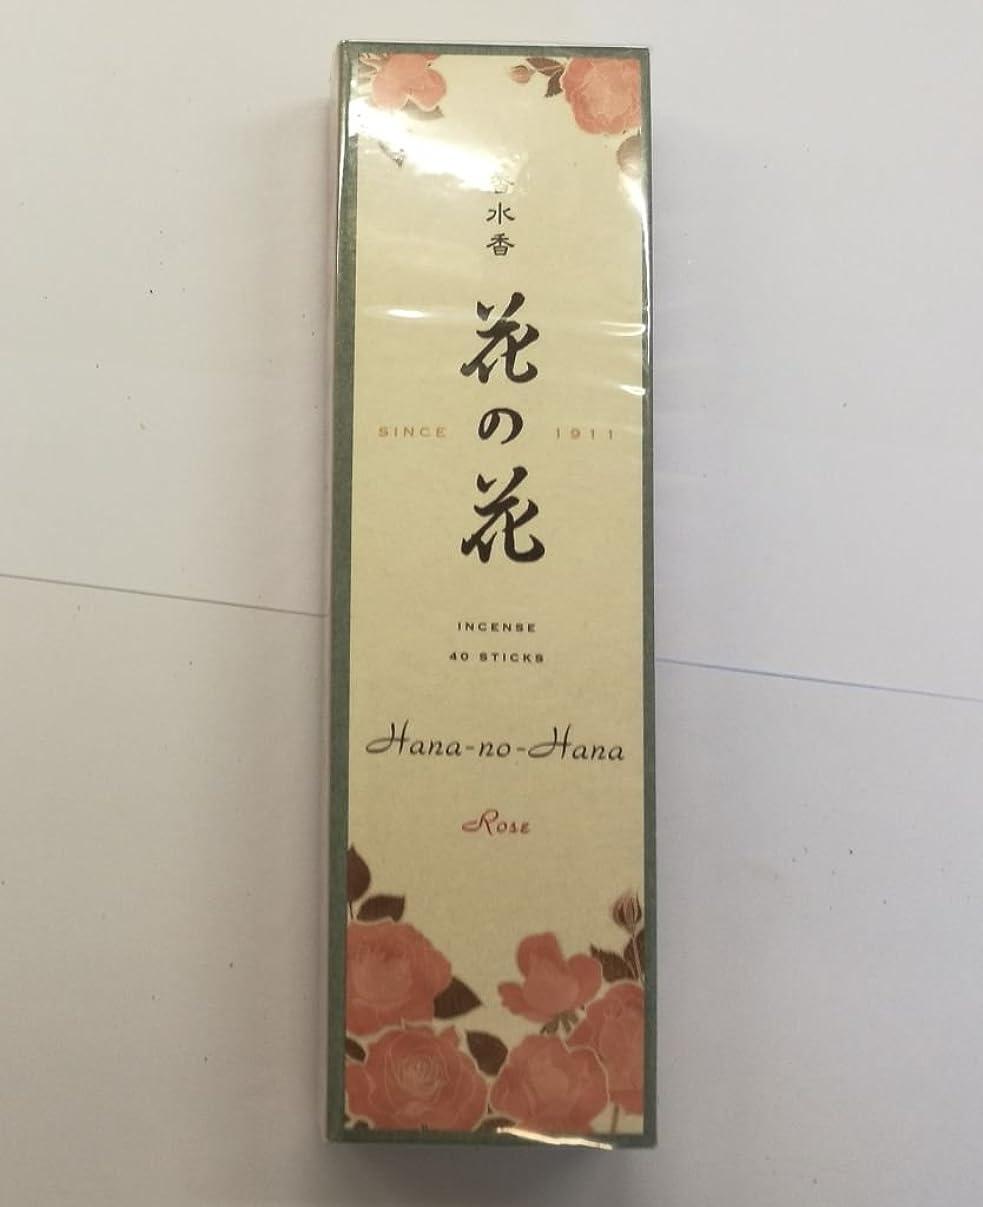 行列最小バケツお香 香水香花の花 ばら 長寸40本入(30005)